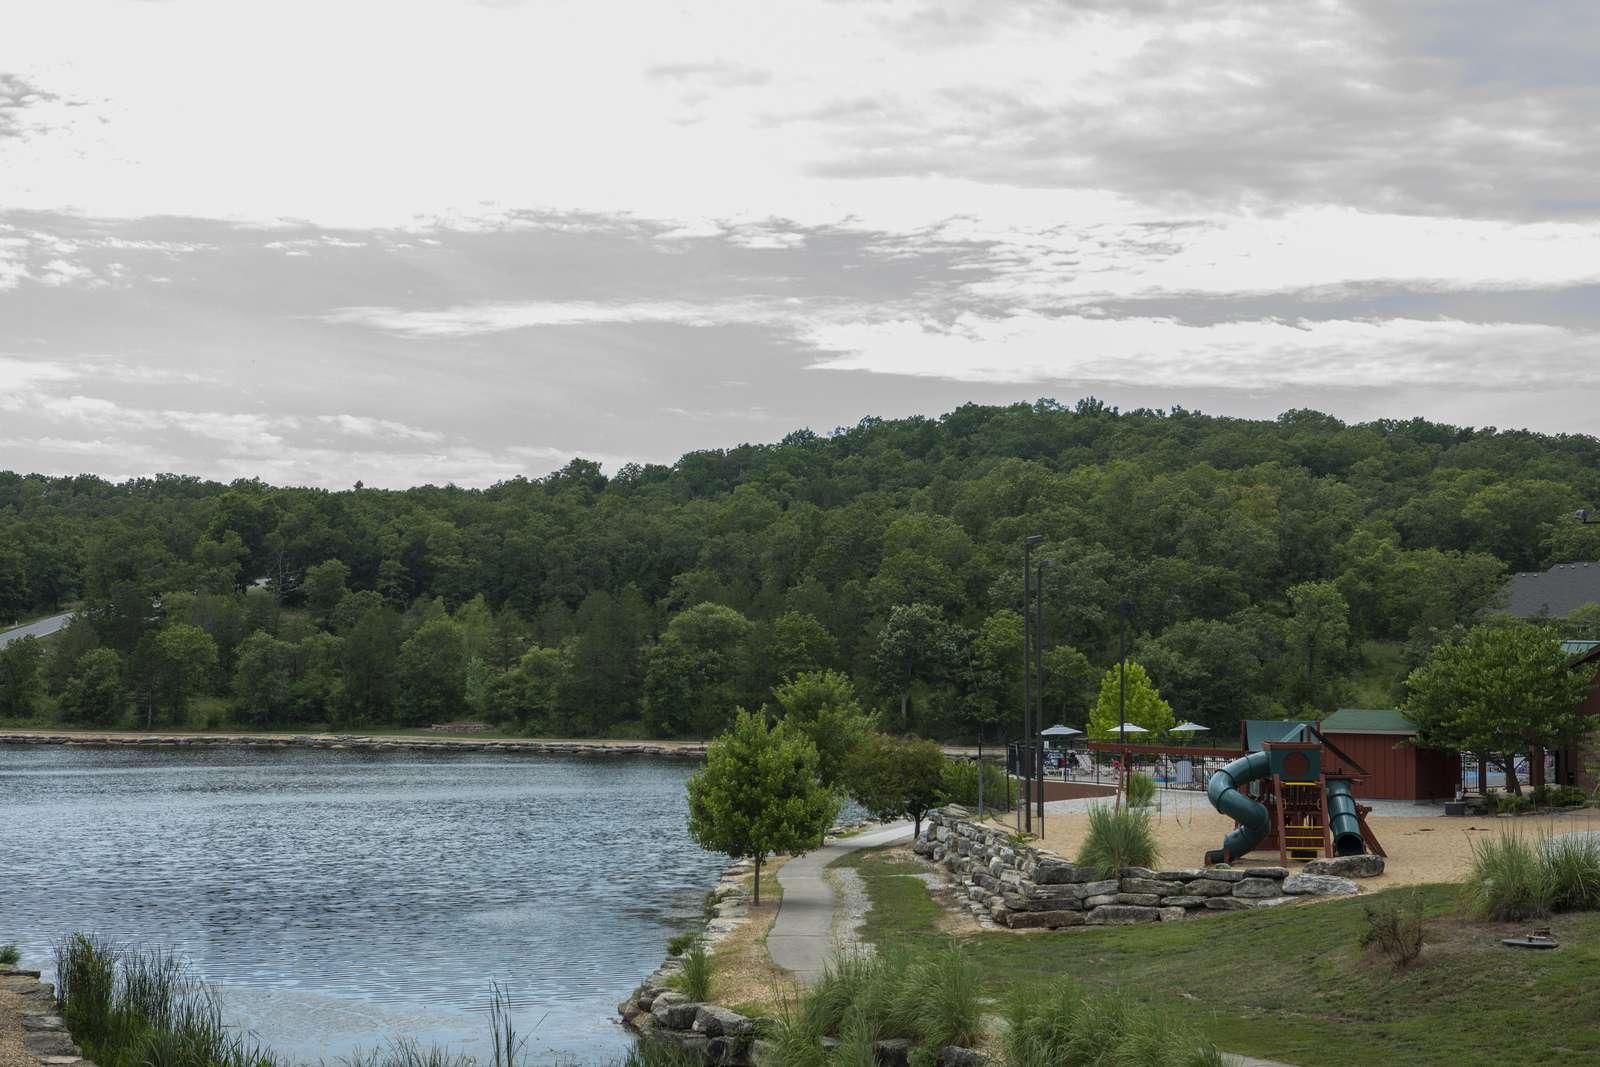 Forrest Lake in Stonebridge